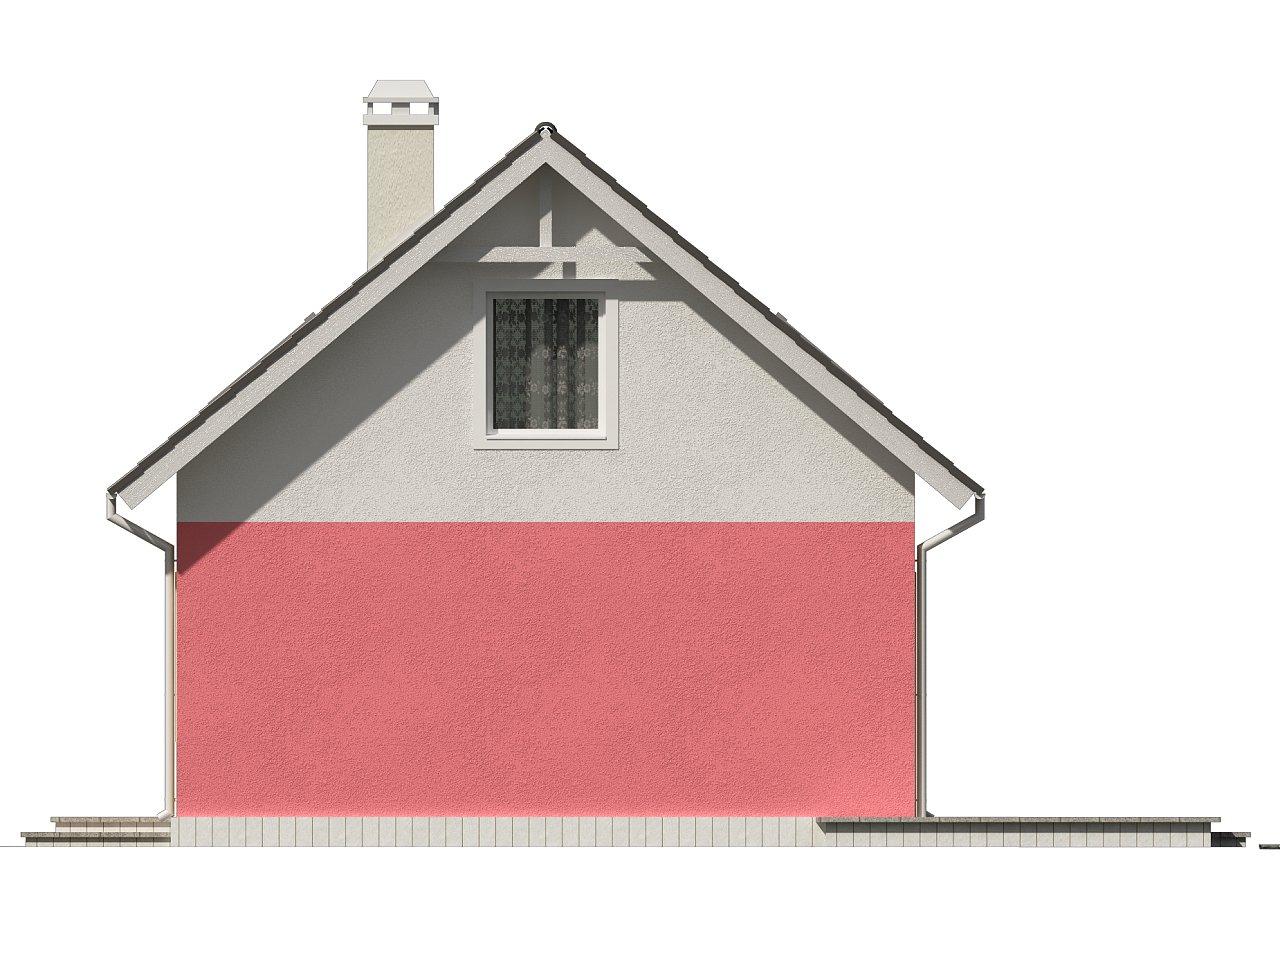 Практичный дом для небольшого участка, простой в строительстве, дешевый в эксплуатации. 23